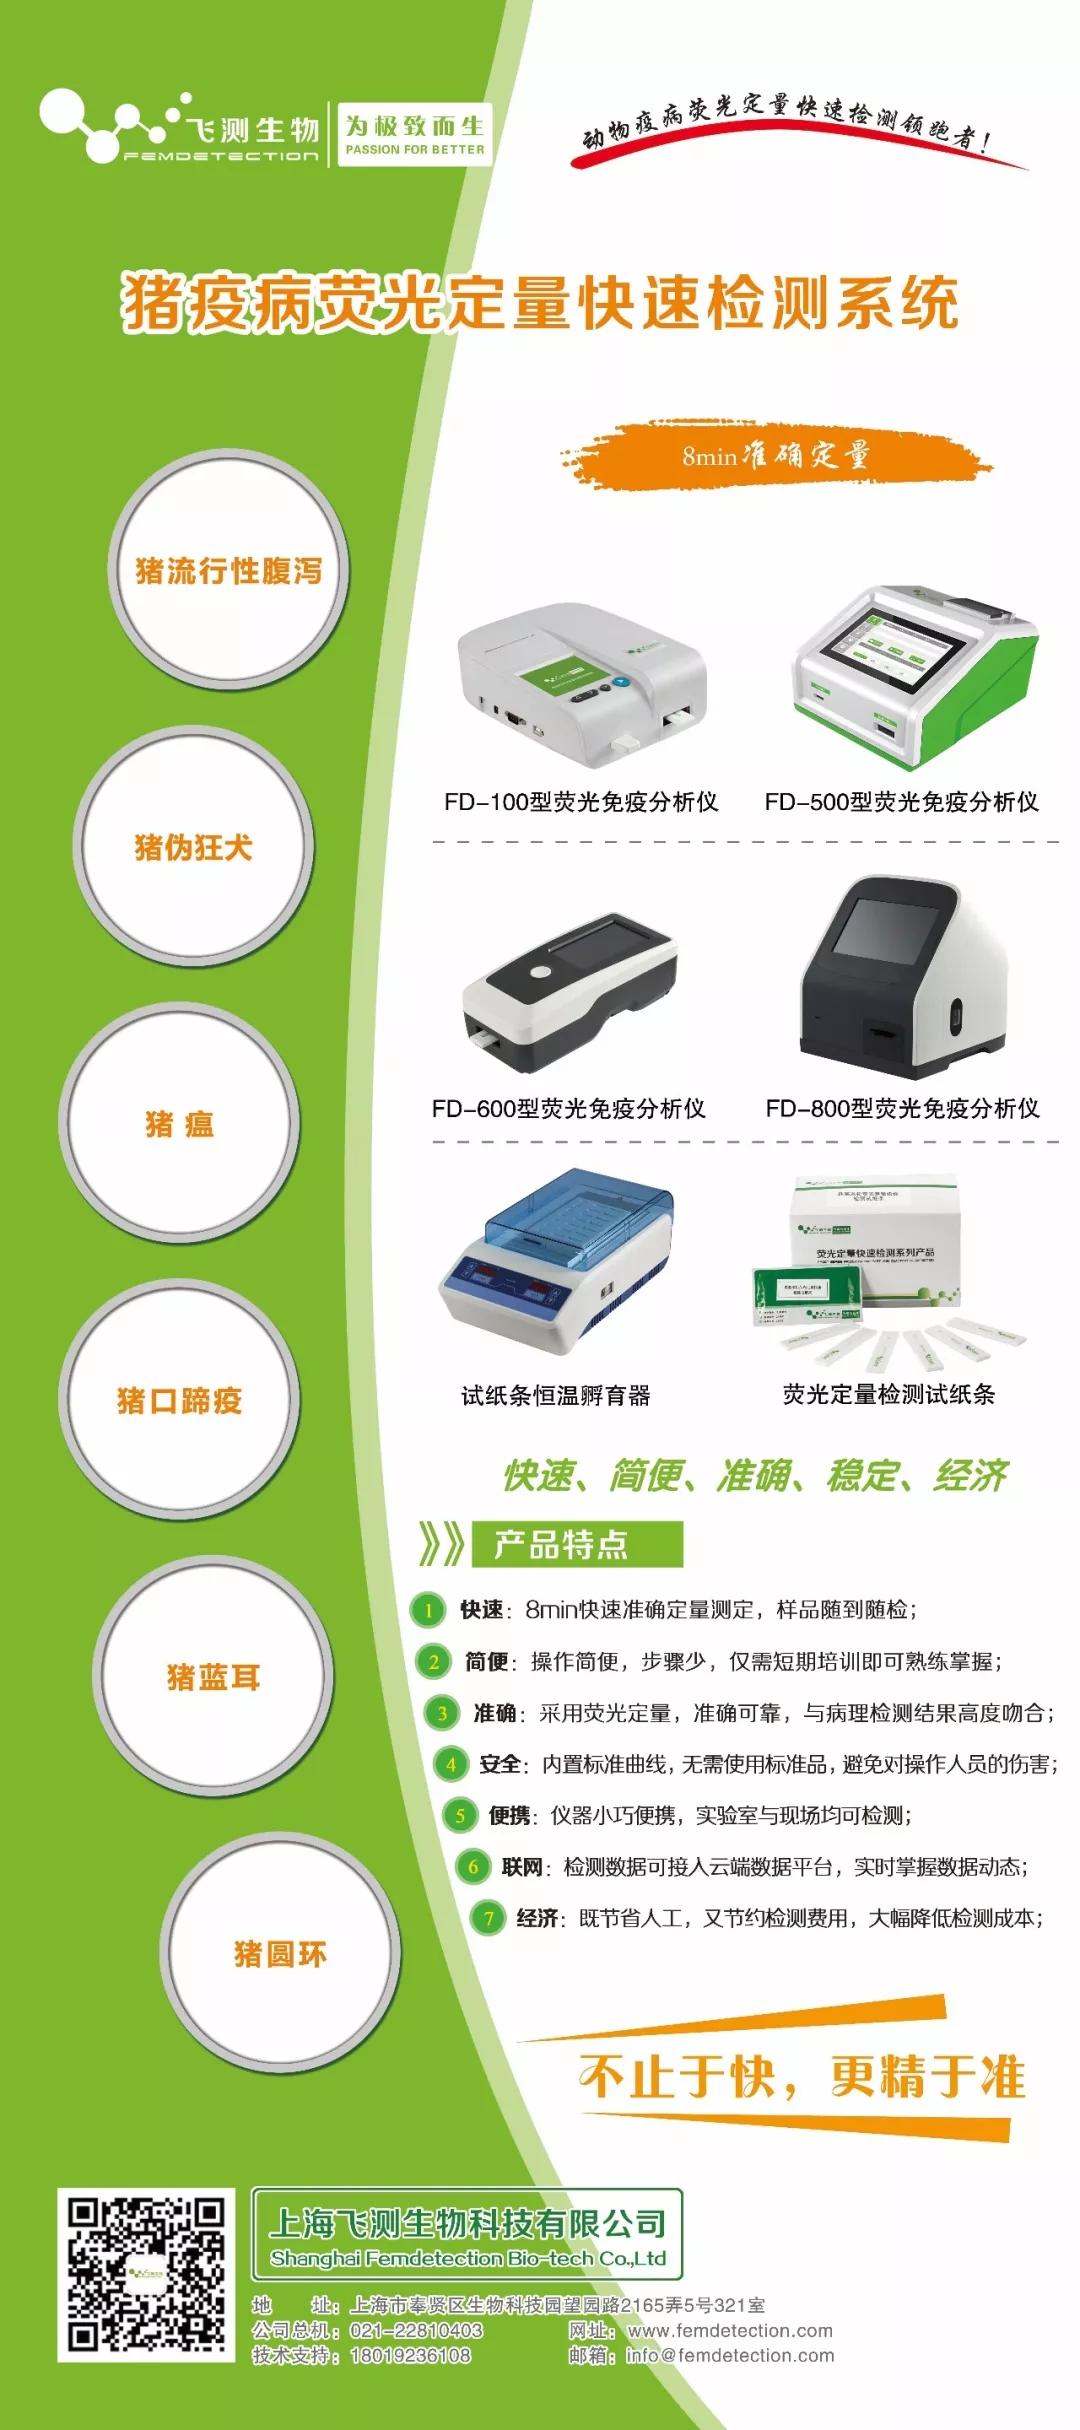 猪疫病荧光定量快速检测系统